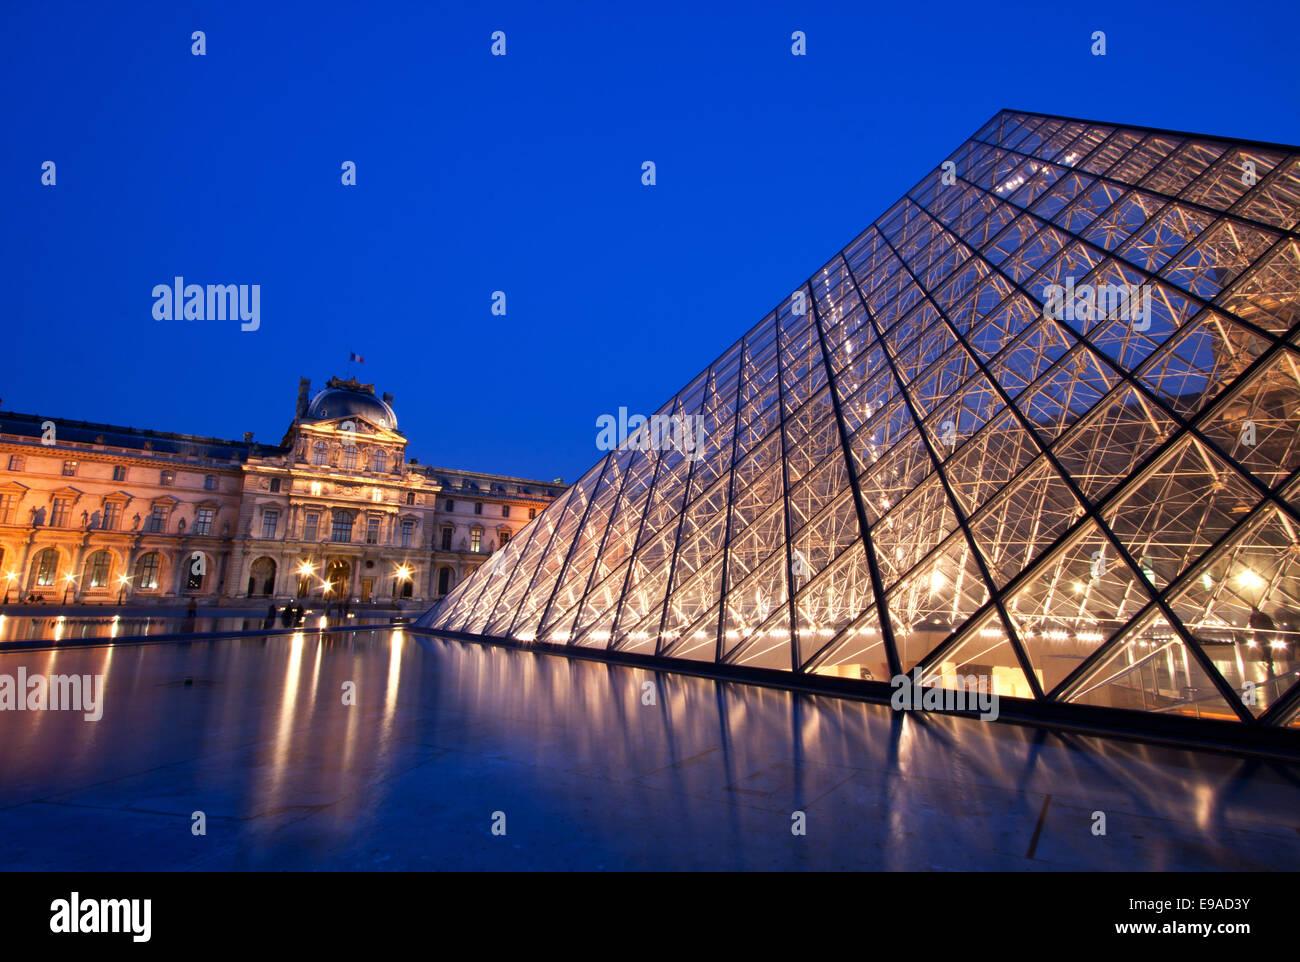 Closeup of Louvre Pyramid - Stock Image